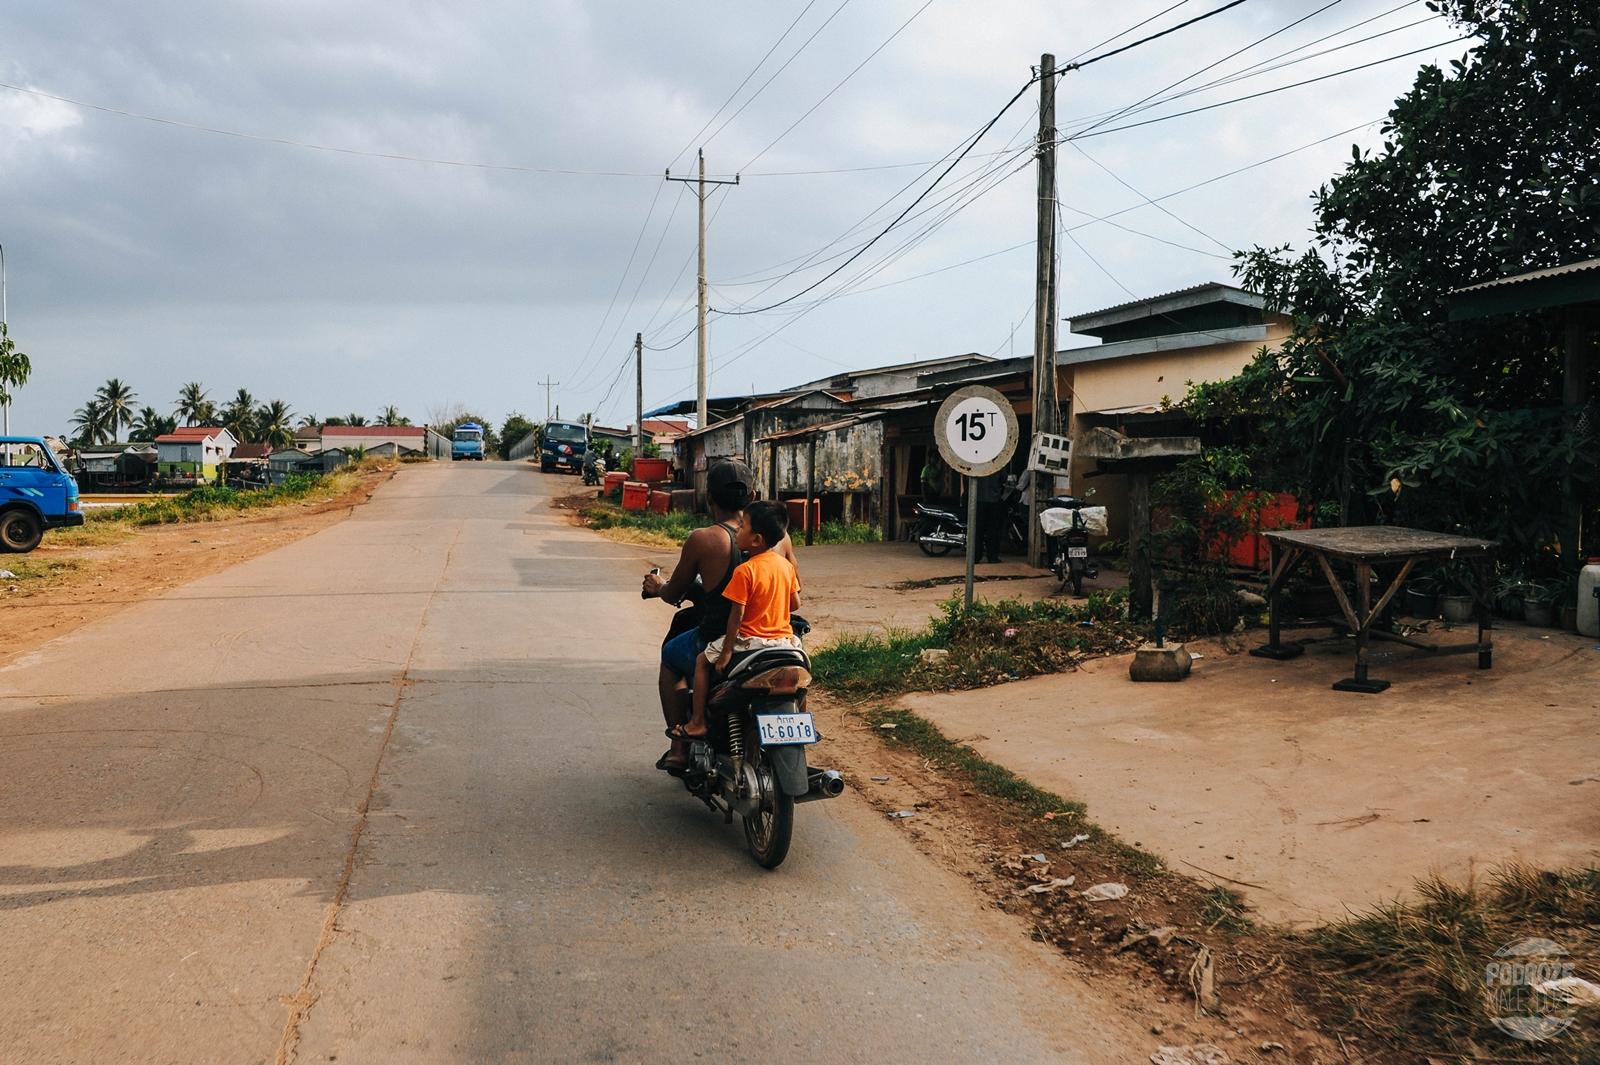 kambodza wies dzieci